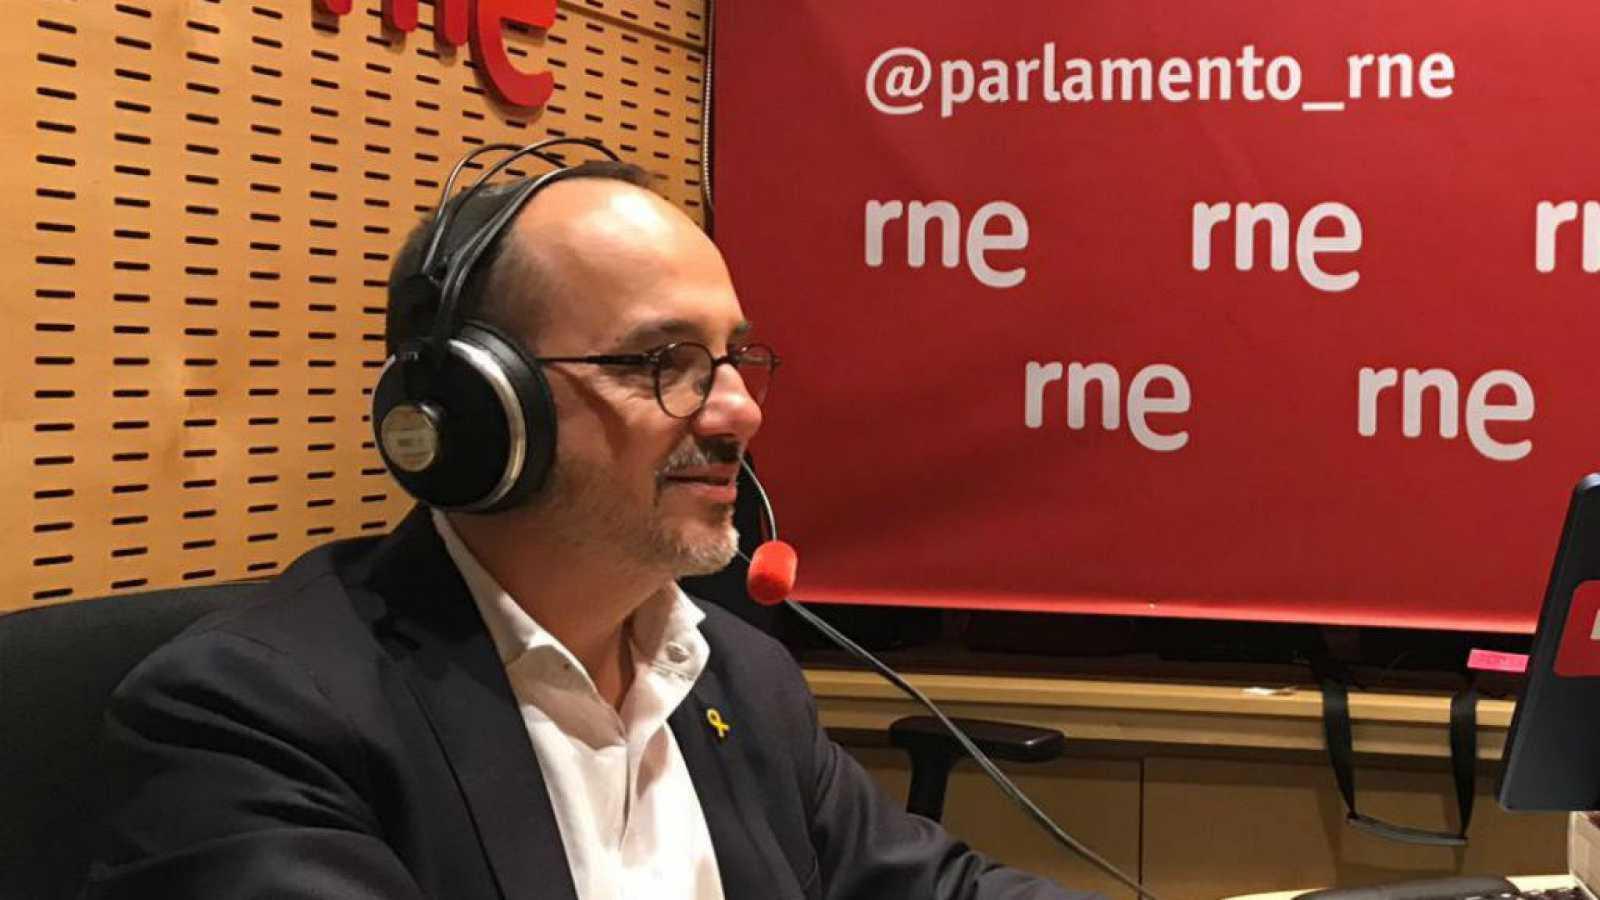 """Parlamento - Radio 5 - Campuzano celebra la renovación de los acuerdos del Pacto de Toledo: """"Expresa una voluntad de mantener una politica orientada a garantizar el futuro del sistema público de pensiones"""" - Escuchar ahora"""